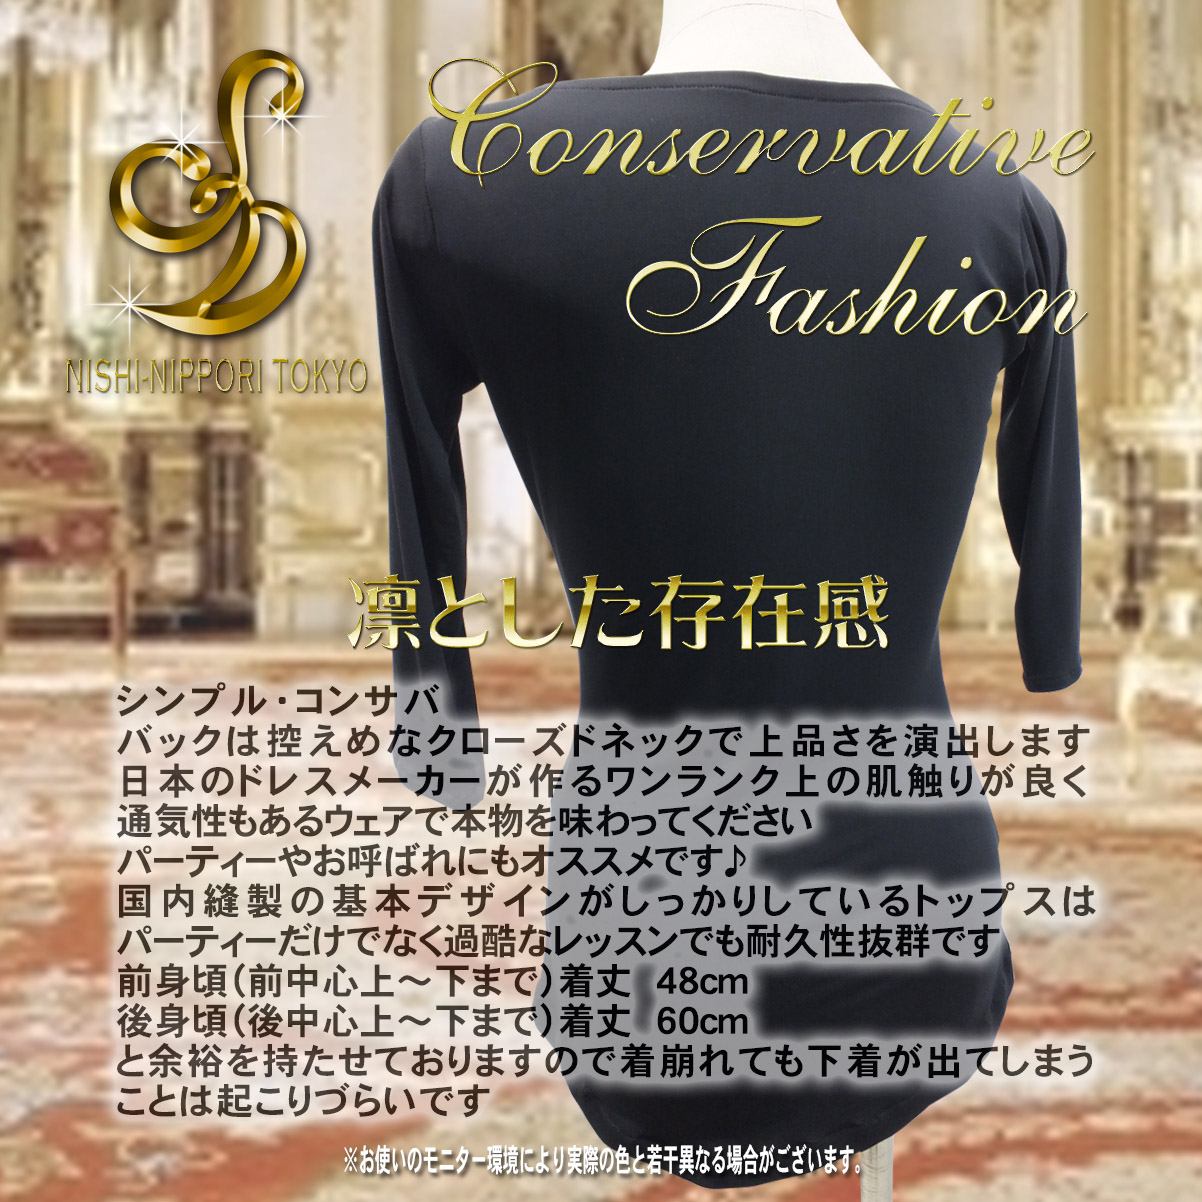 シワになりにくいトップス ダンス用トップス レッスンウェア 社交ダンスウェア シンプルトップス クレープトップス スタイリッシュトップス Tシャツ